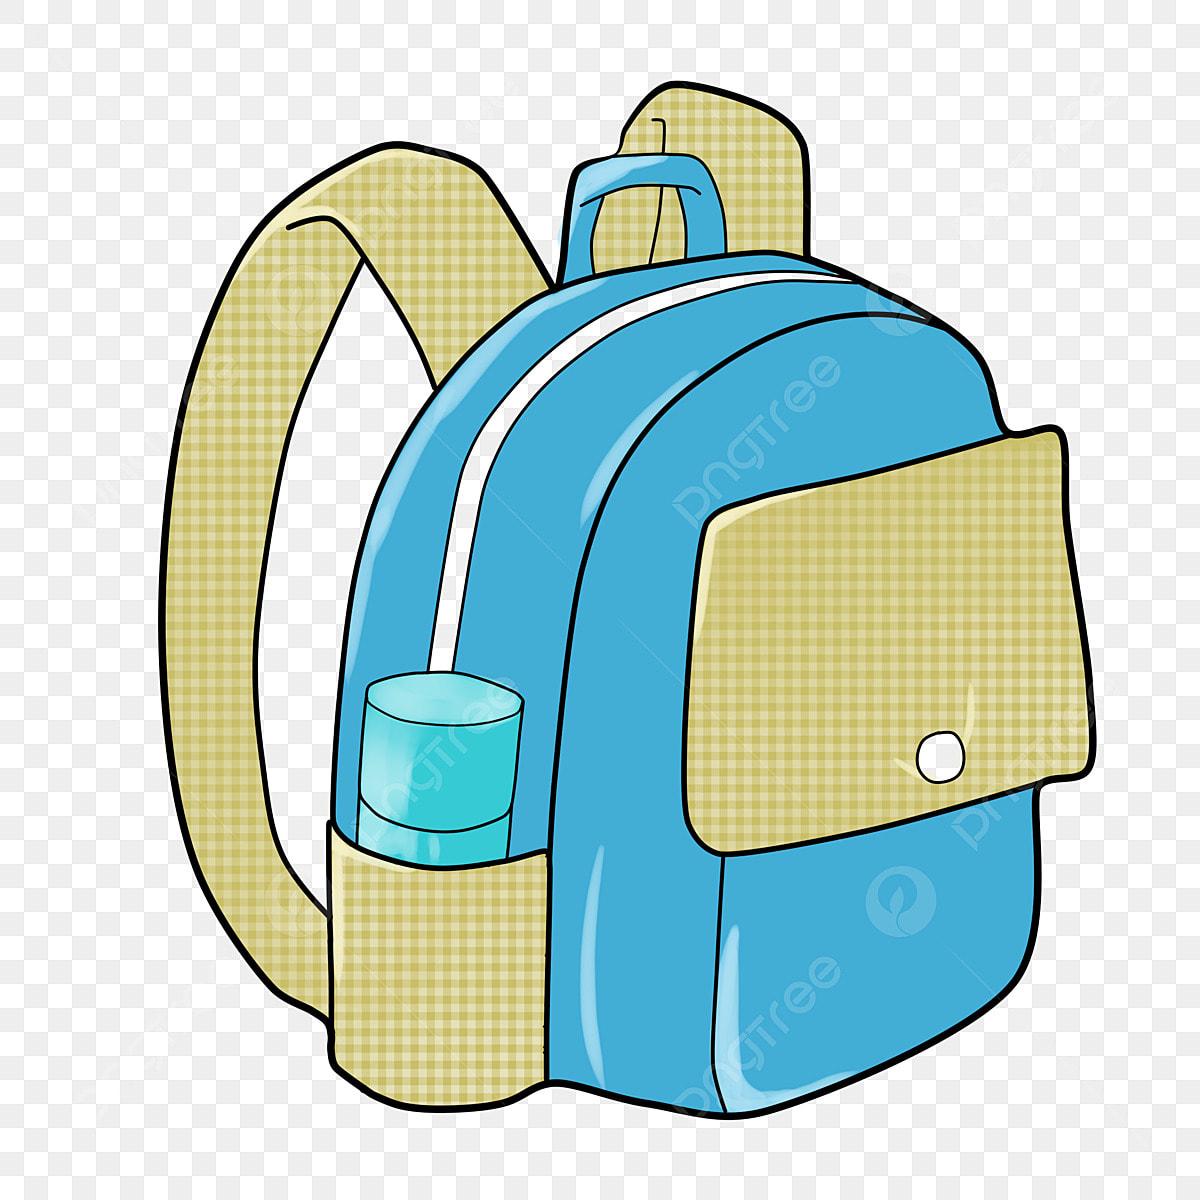 Gambar Bekalan Sekolah Kartun Beg Sekolah Anak Anak Sekolah Beg Bentuk Alat Tulis Semester Baru Sekolah Majlis Png Dan Psd Untuk Muat Turun Percuma